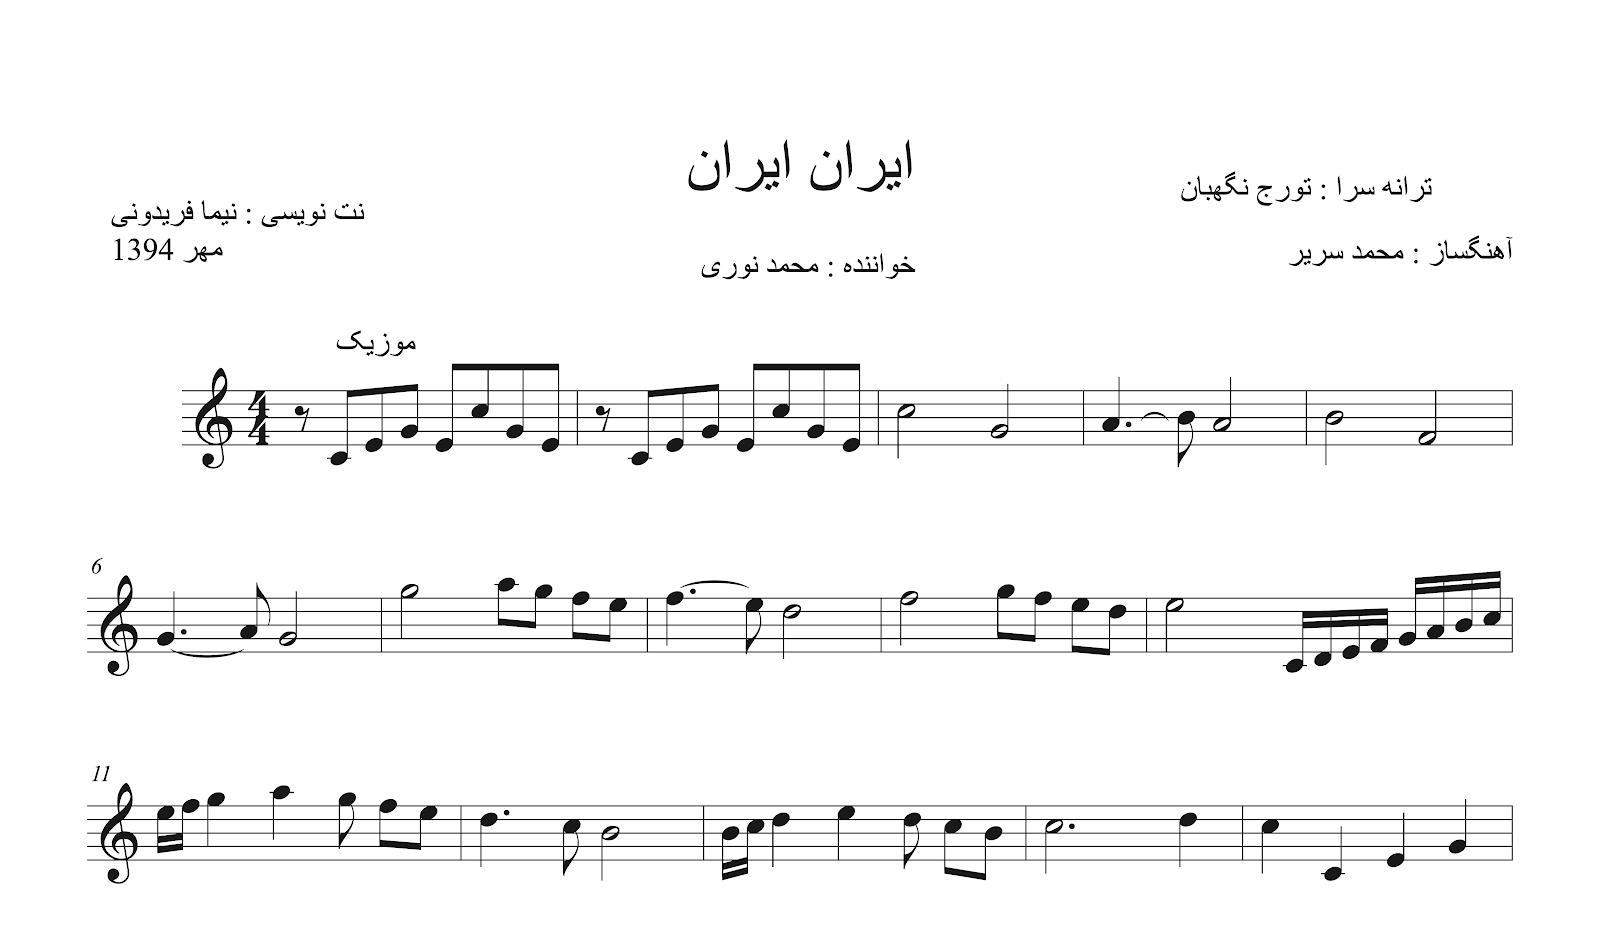 نت ایران ایران محمد سریر محمد نوری